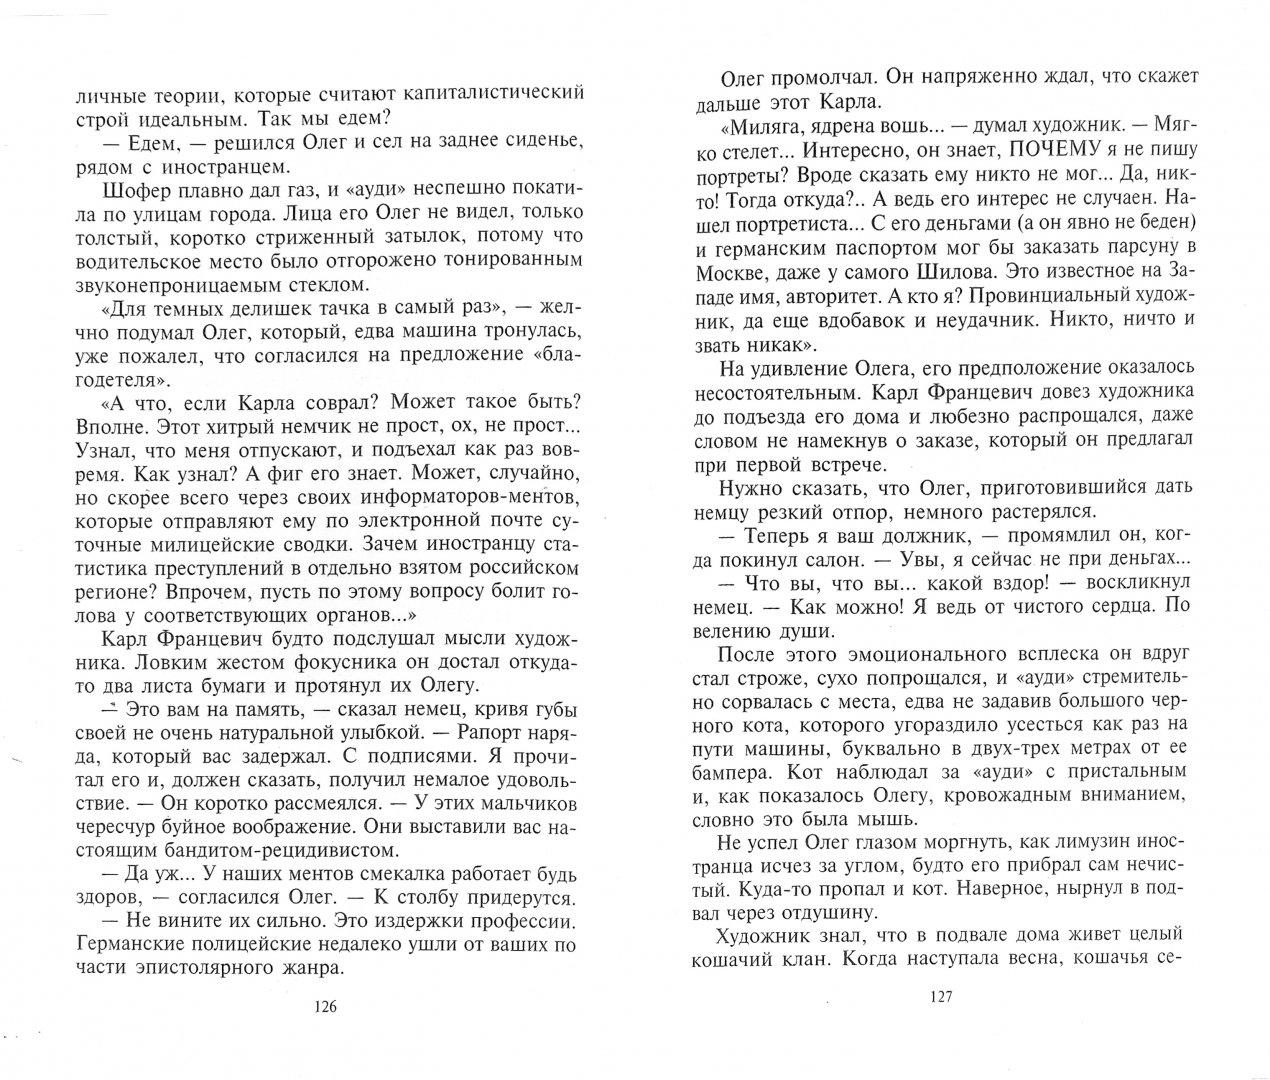 Иллюстрация 1 из 6 для Окаянный талант - Виталий Гладкий   Лабиринт - книги. Источник: Лабиринт